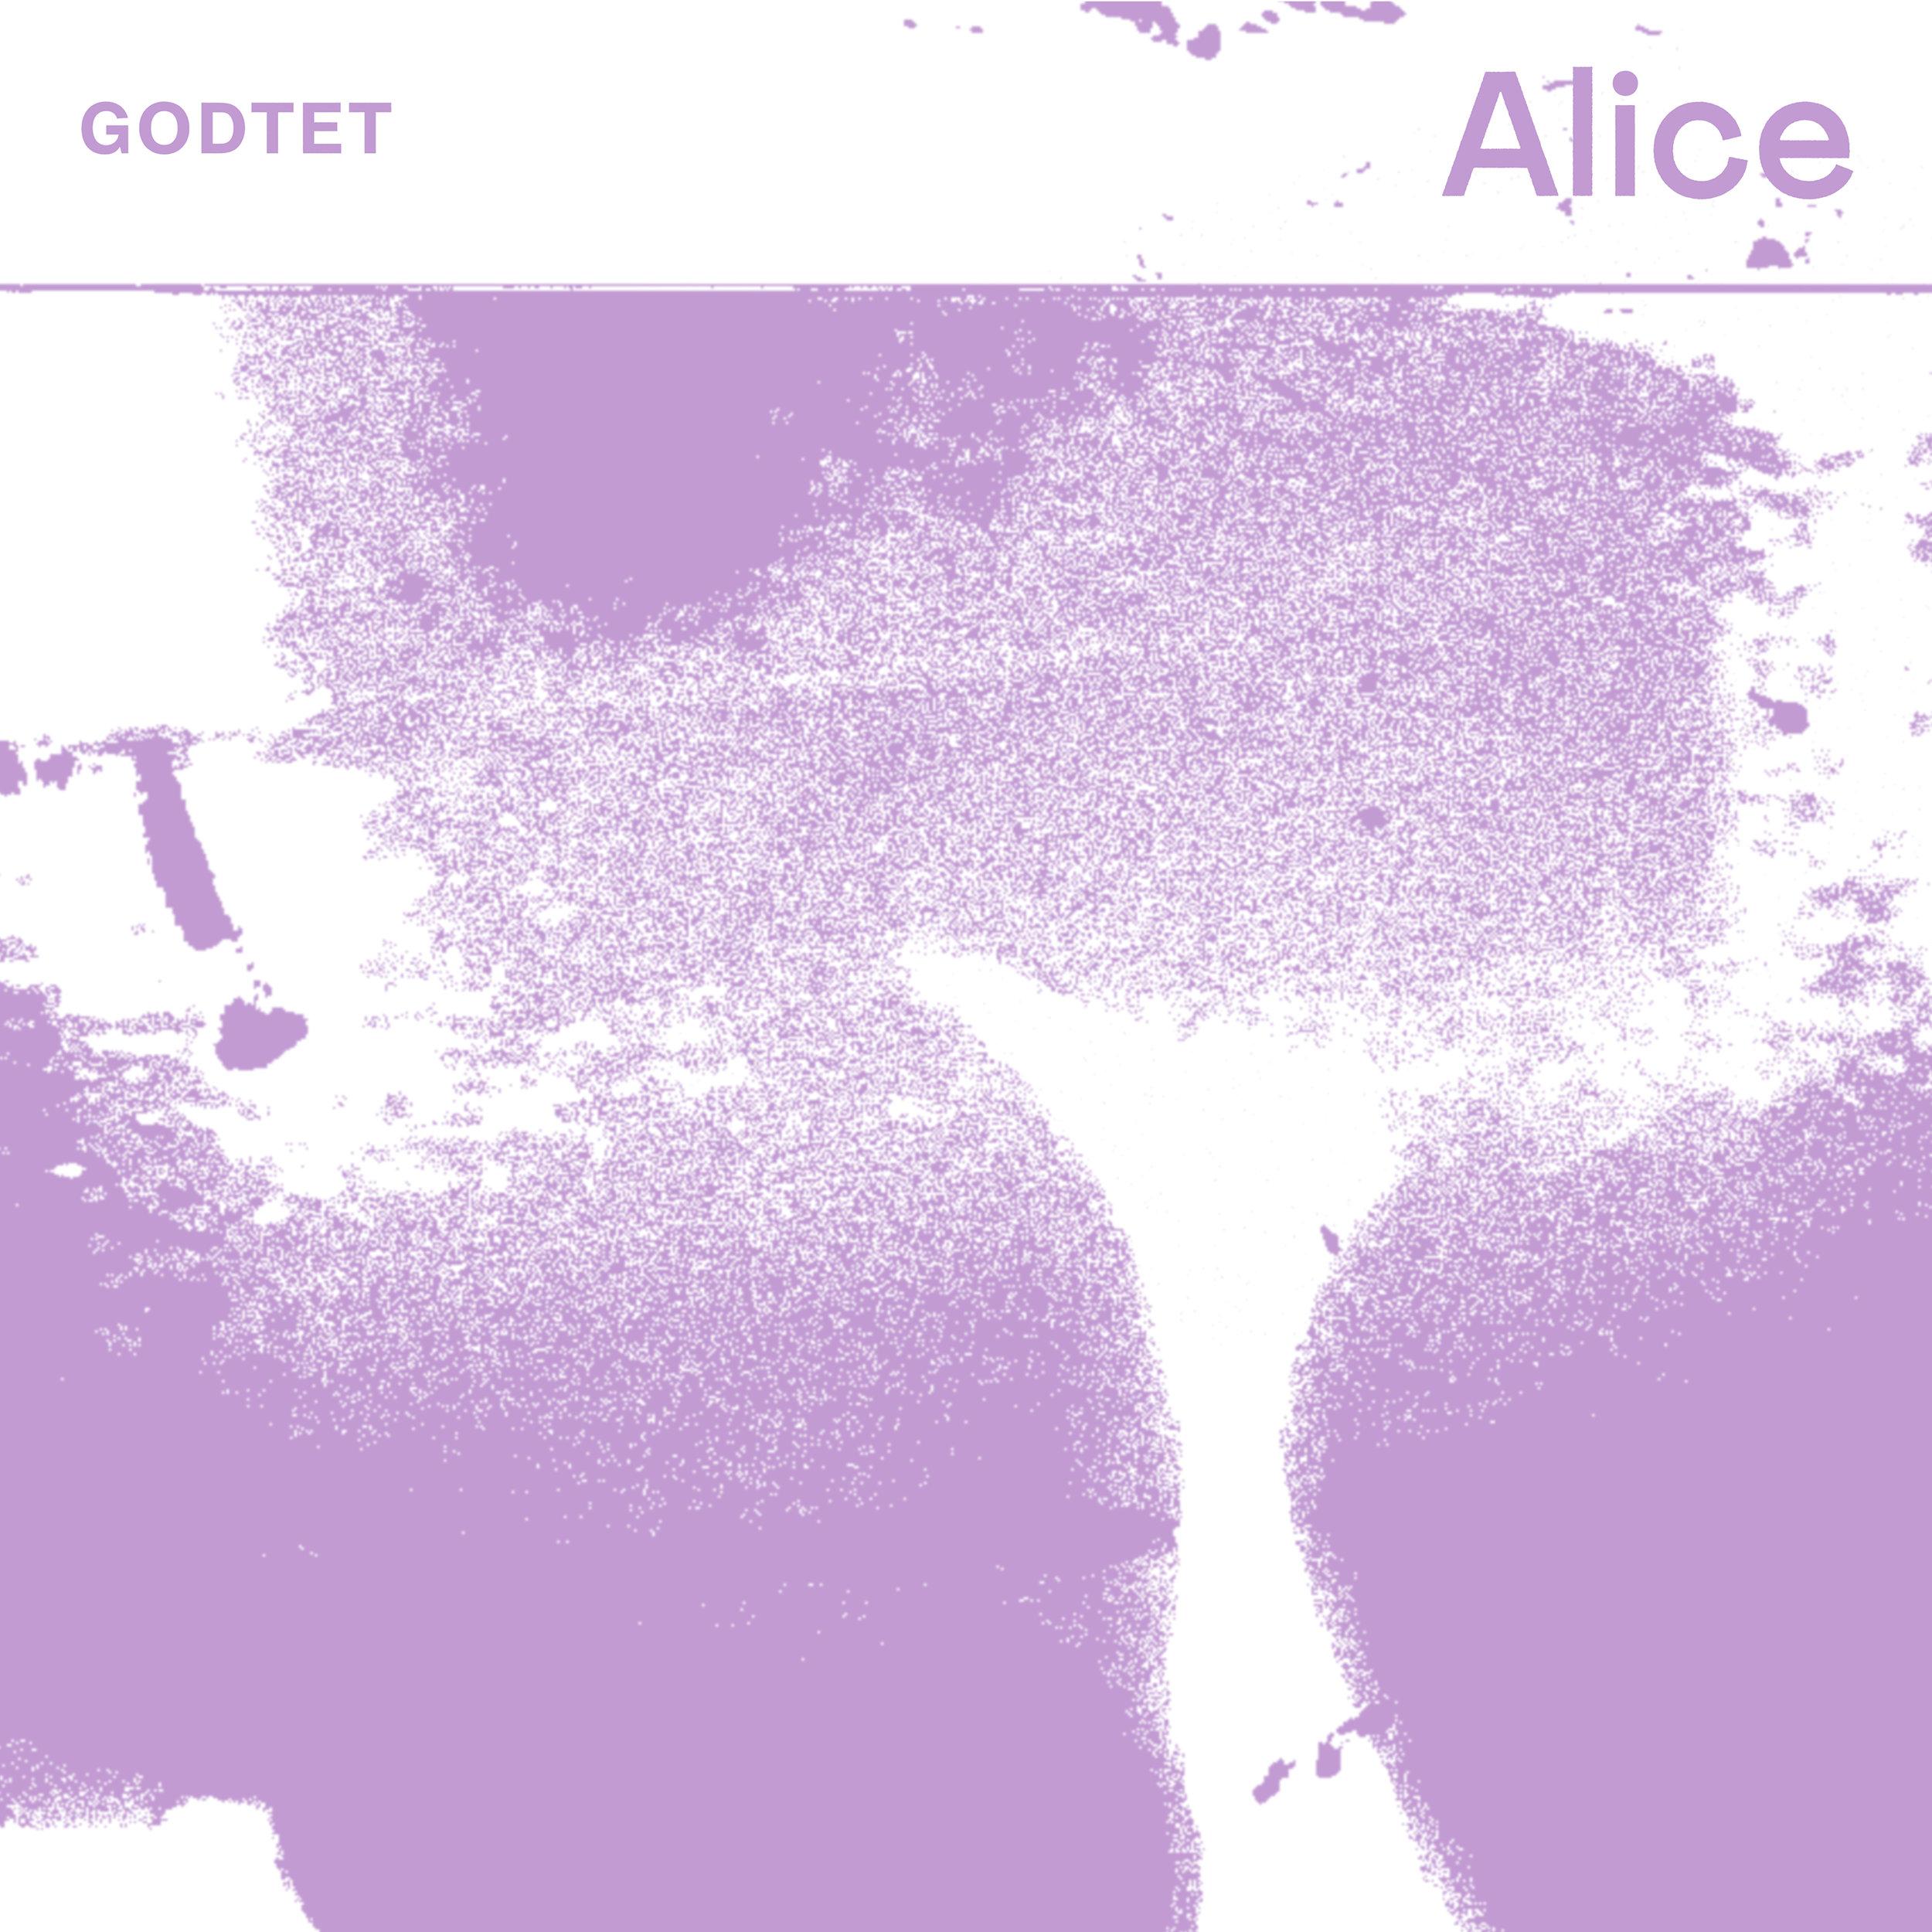 alice-3000.jpg